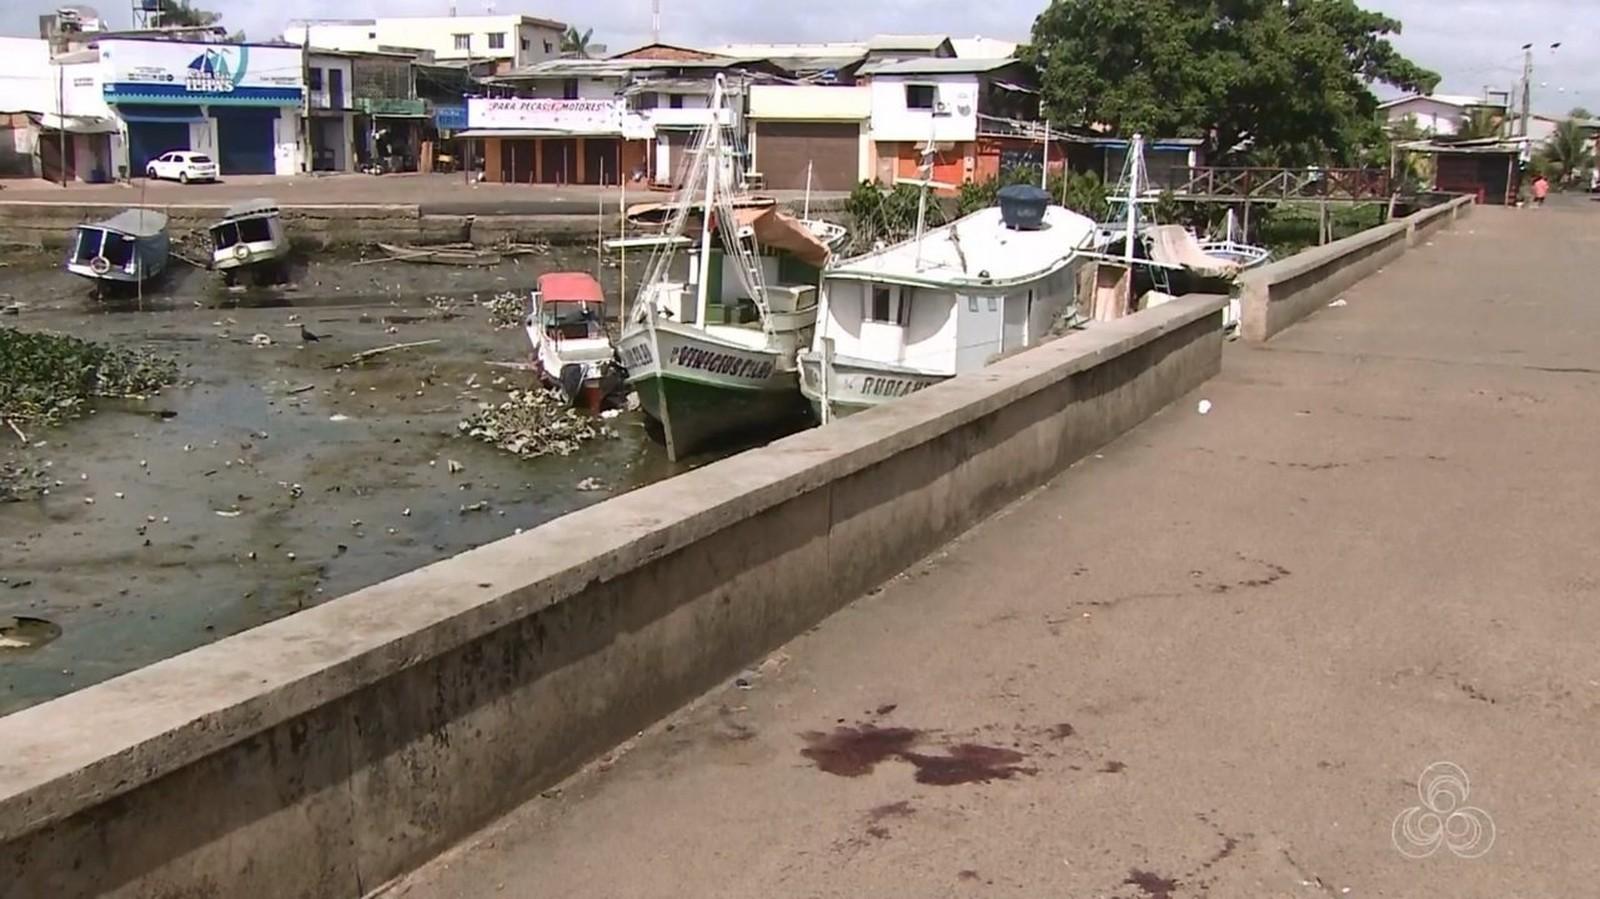 Número de homicídios em Macapá no ano de 2018 ultrapassa registros de 2017